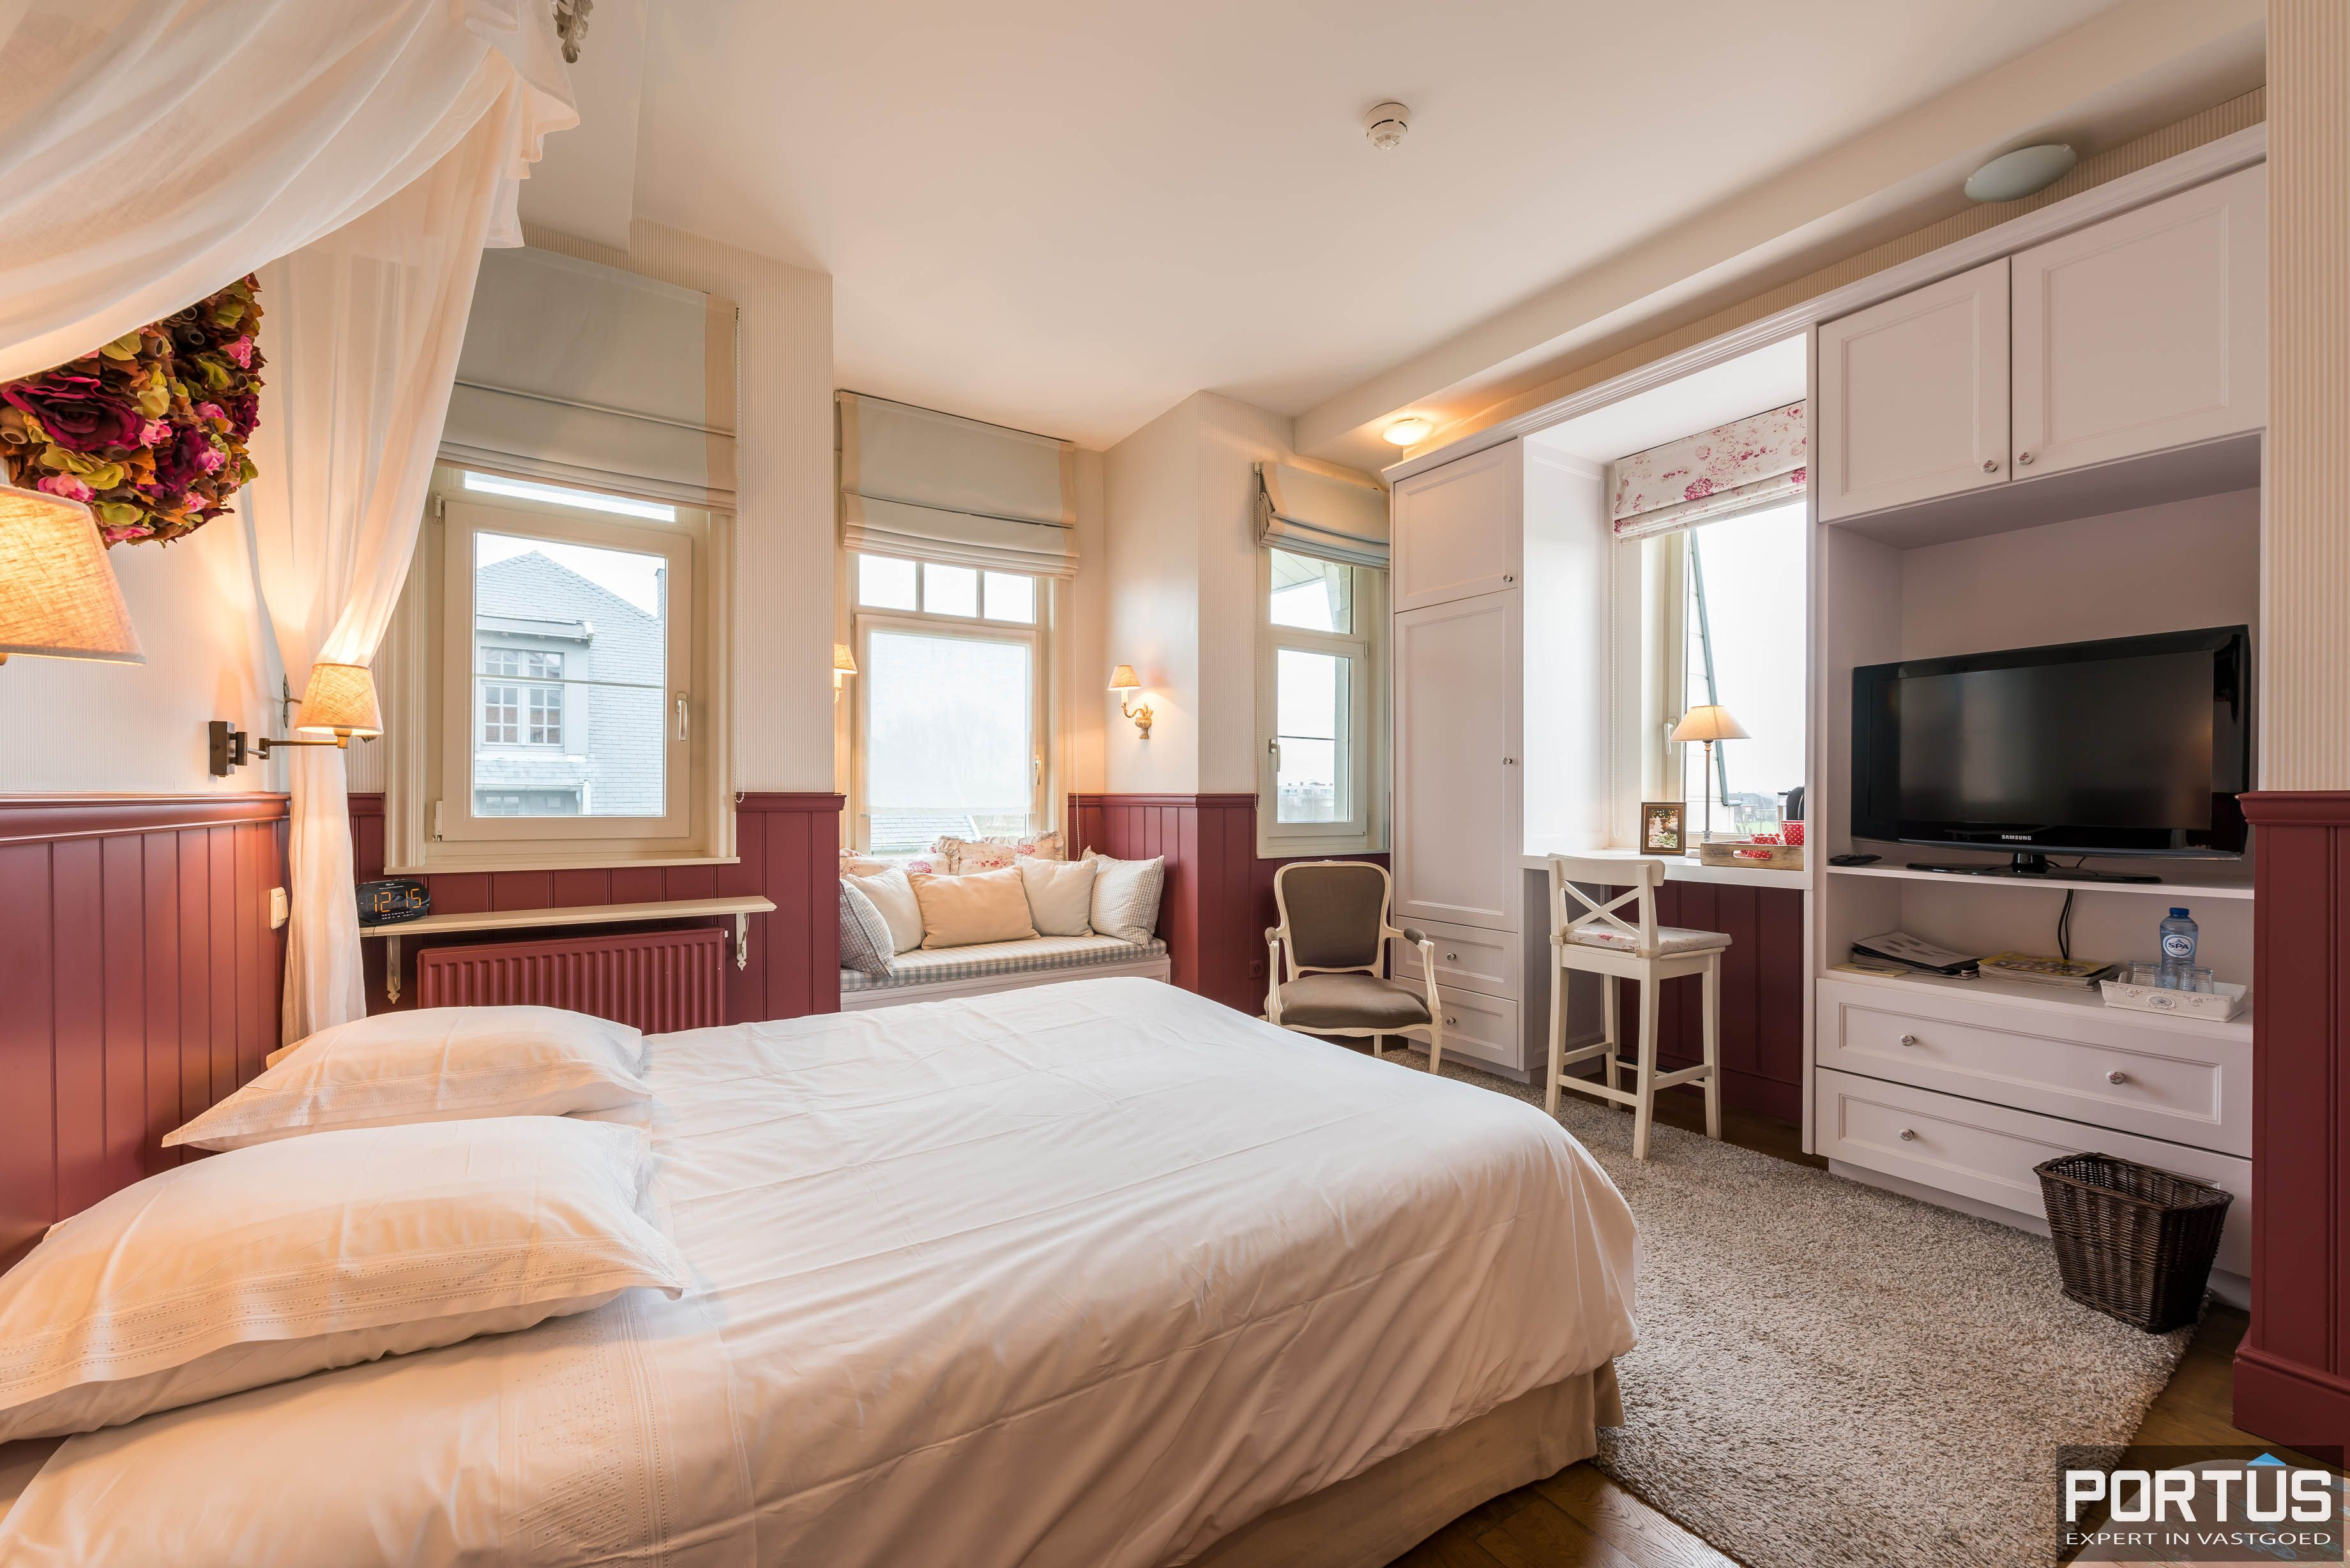 Villa/B&B te koop Westende met 6 slaapkamers - 5447